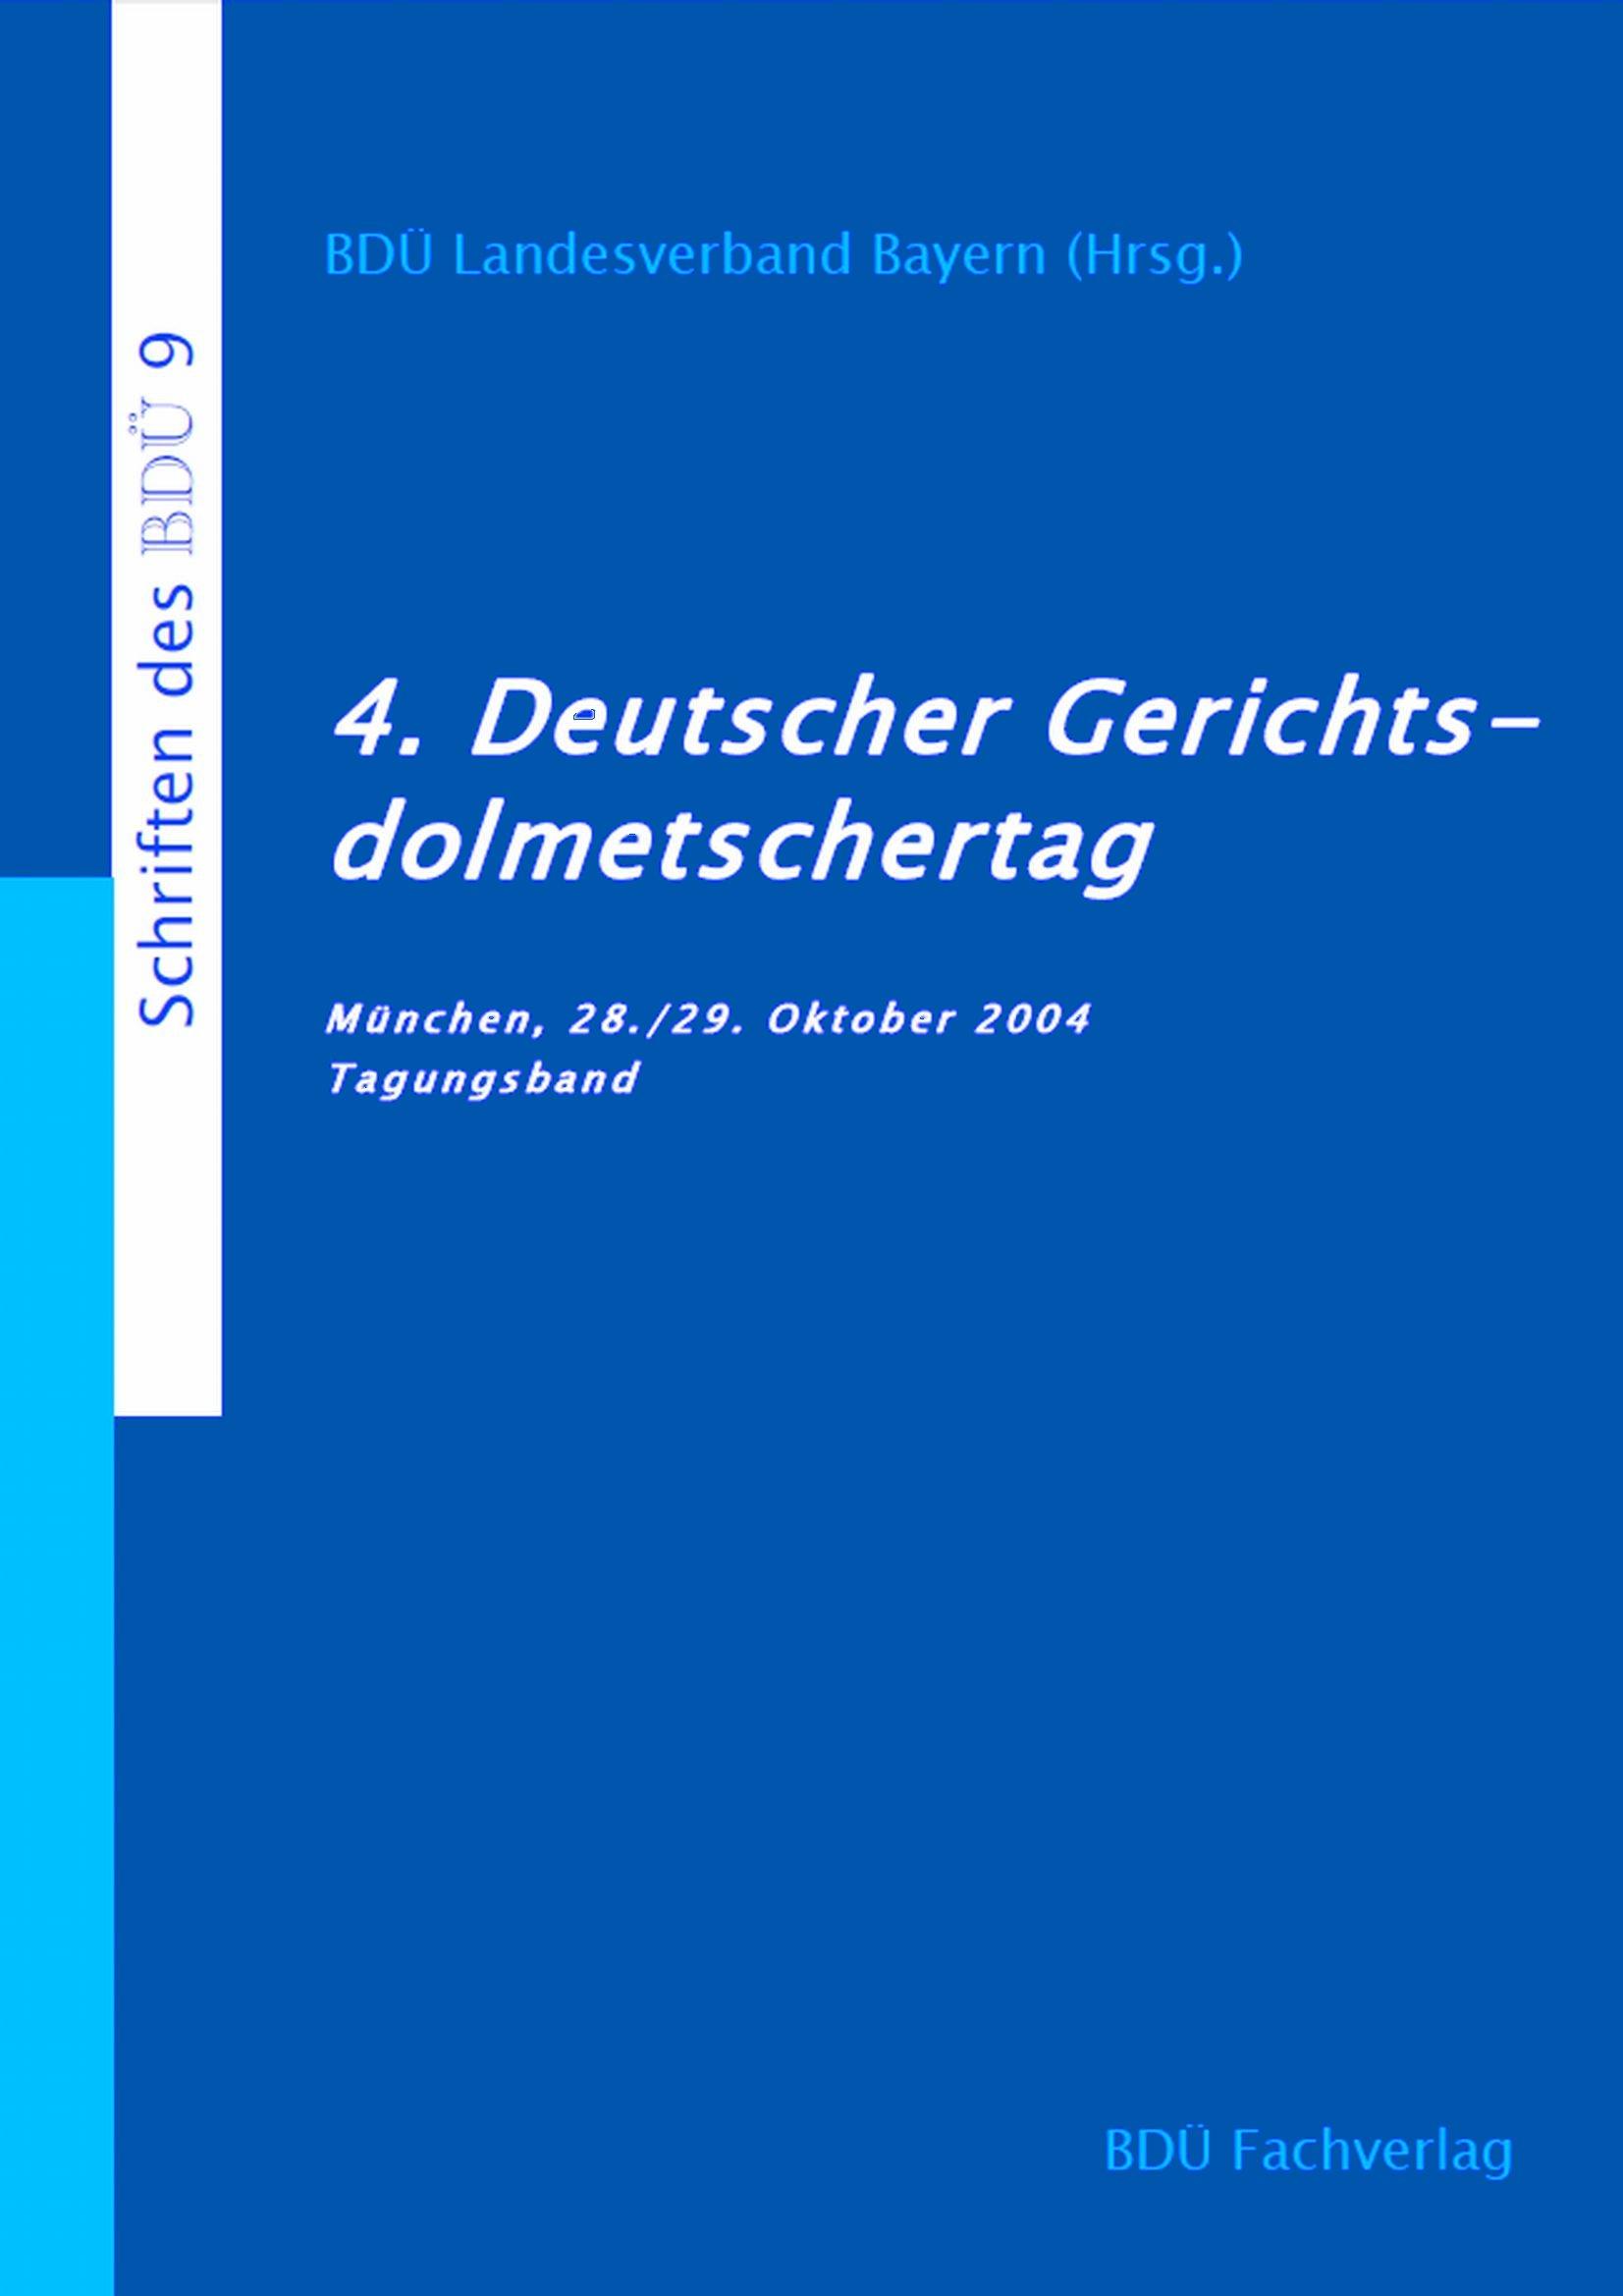 4. Deutscher Gerichtsdolmetschertag